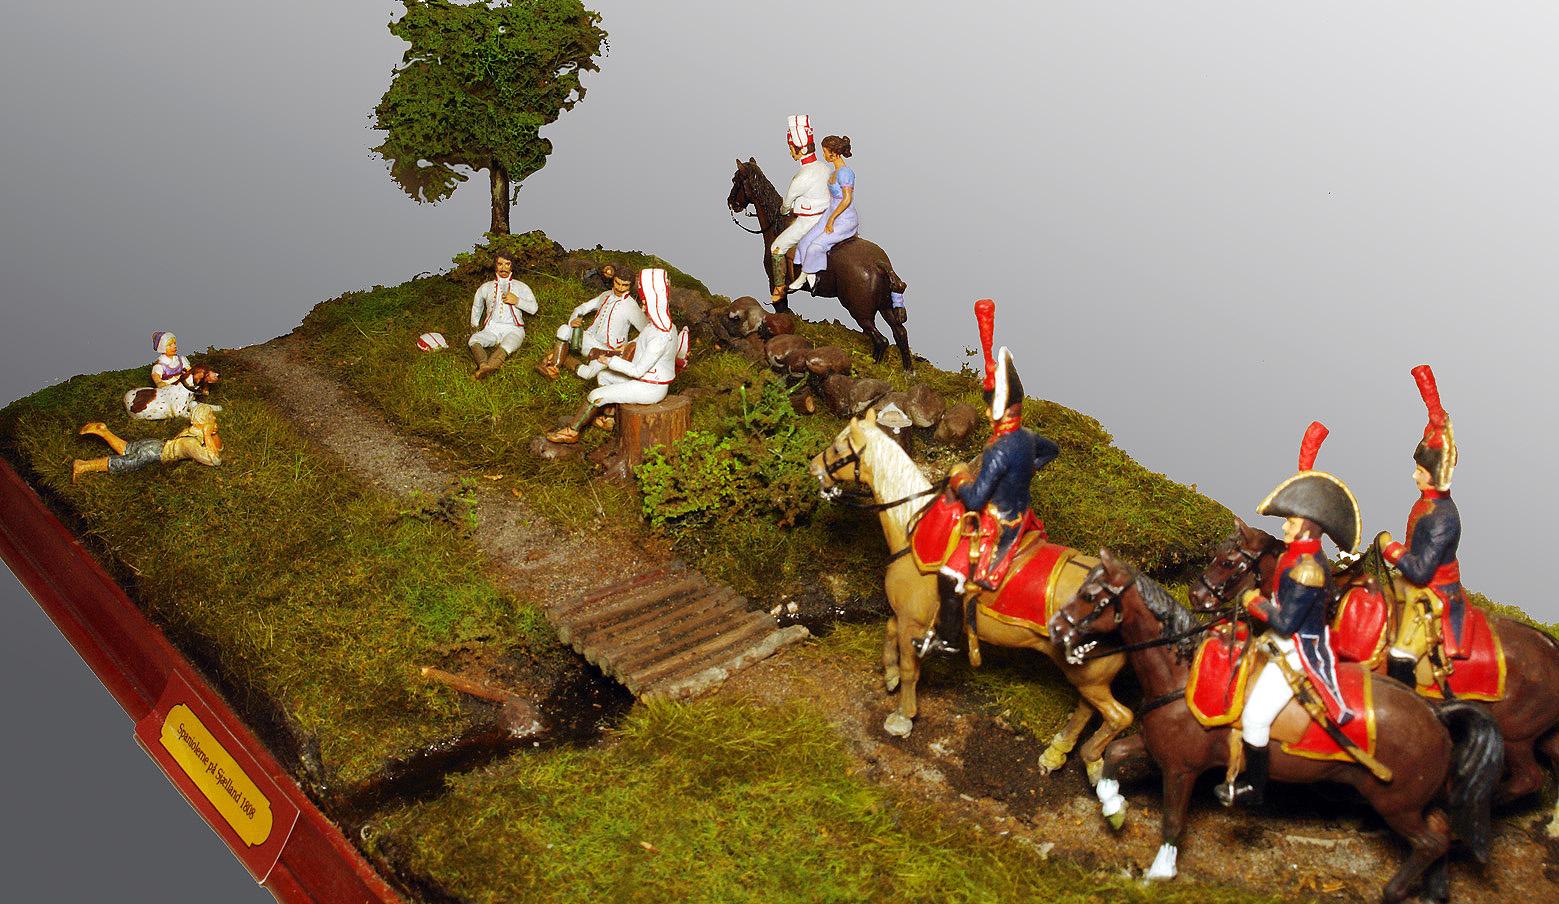 1807-Spaniere-i-Roskilde-1